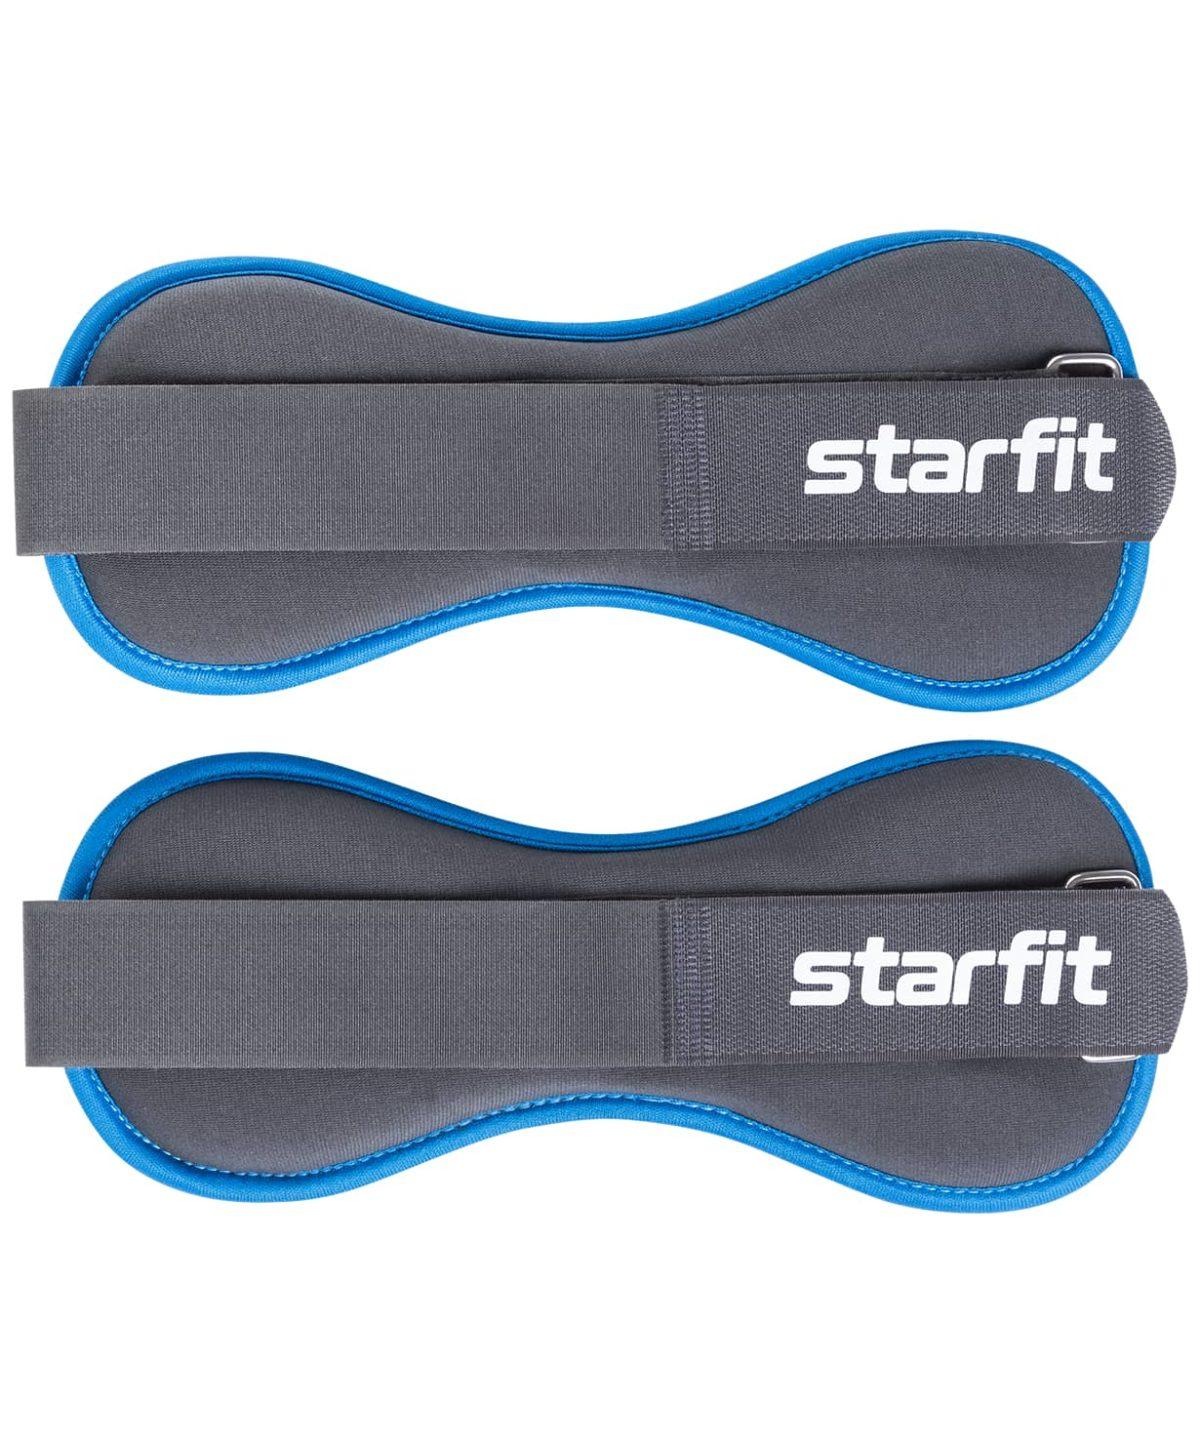 STARFIT Утяжелители универсальные, 1,5 кг WT-501: чёрный/синий - 1